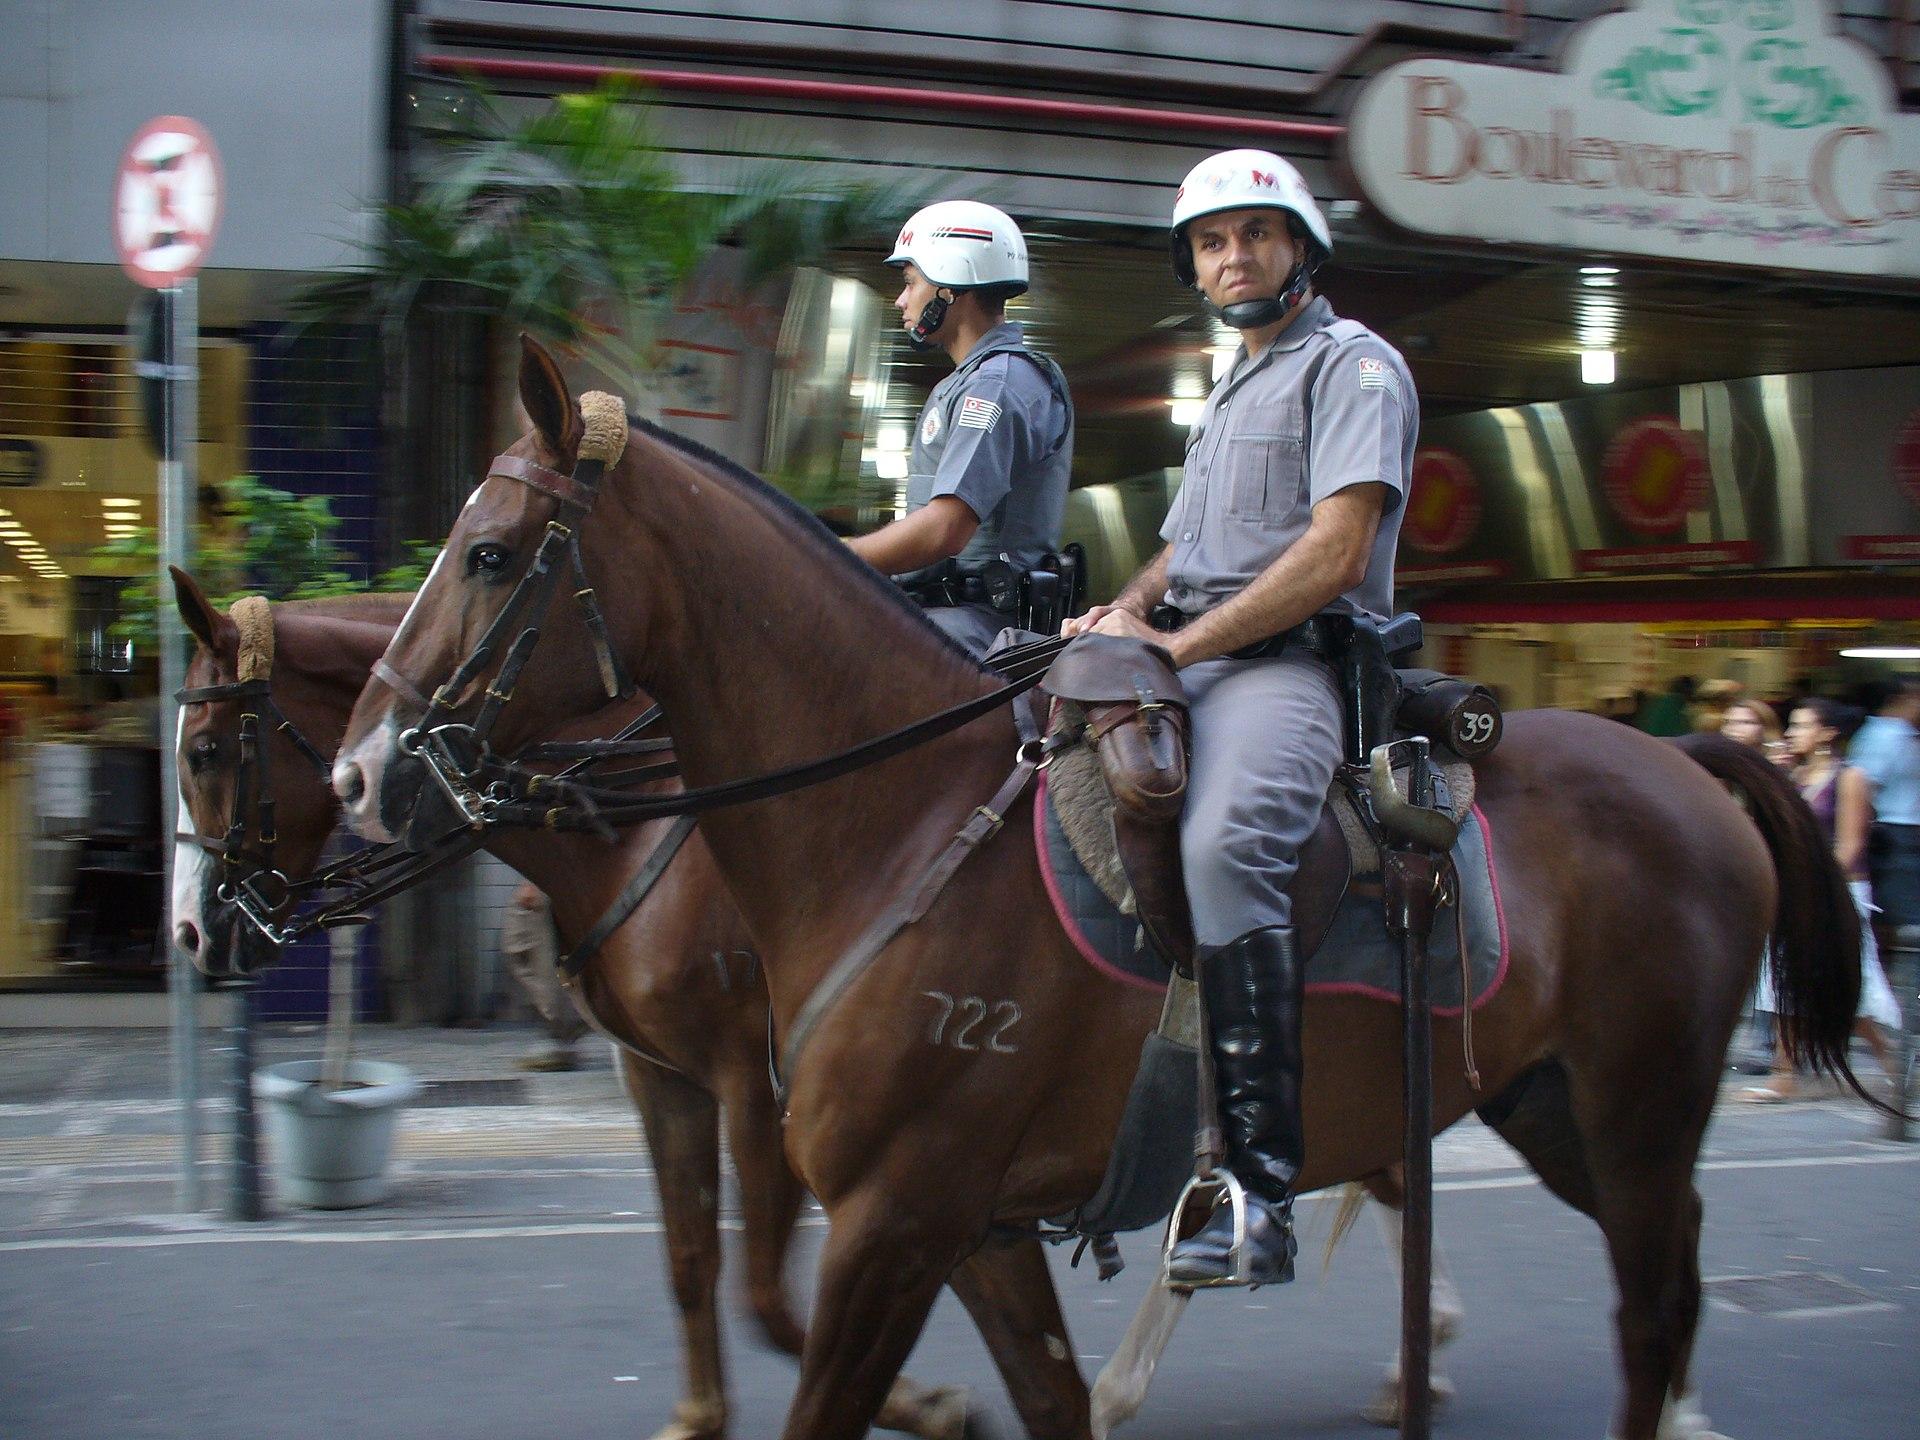 Boarder patrol hot cop threesome xxx cute 2